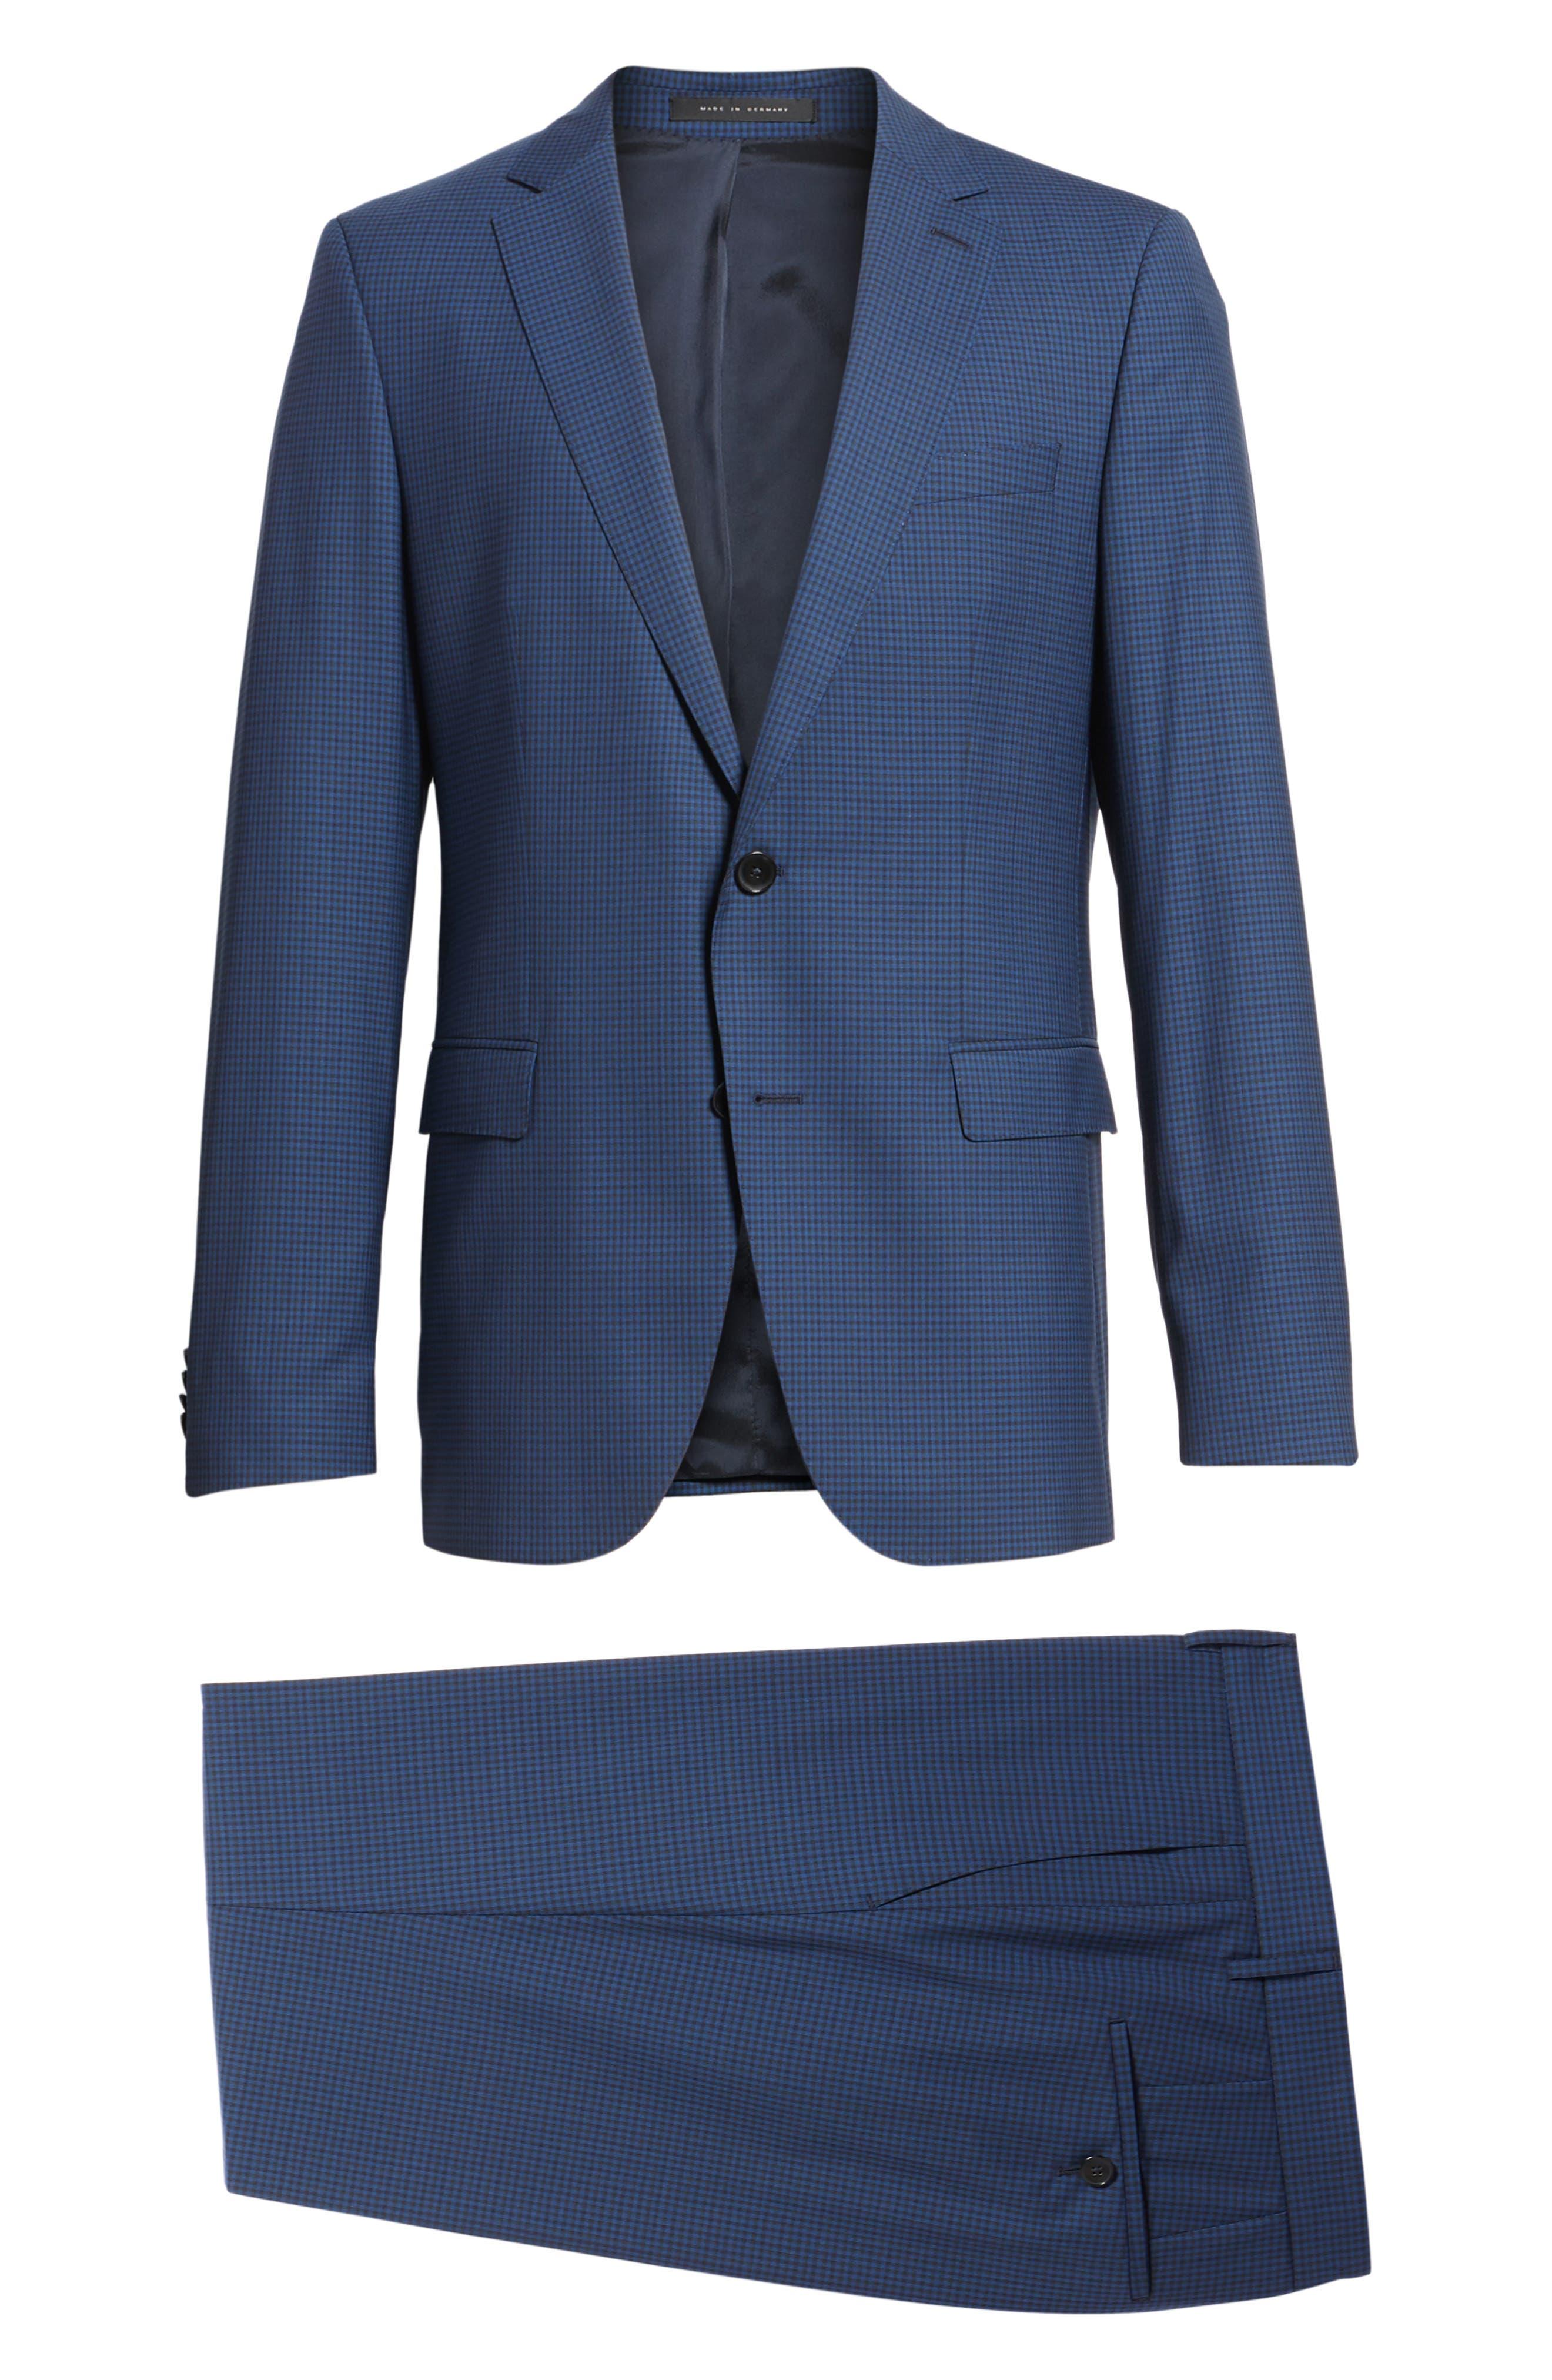 Novan/Ben Trim Fit Check Wool Suit,                             Alternate thumbnail 8, color,                             409